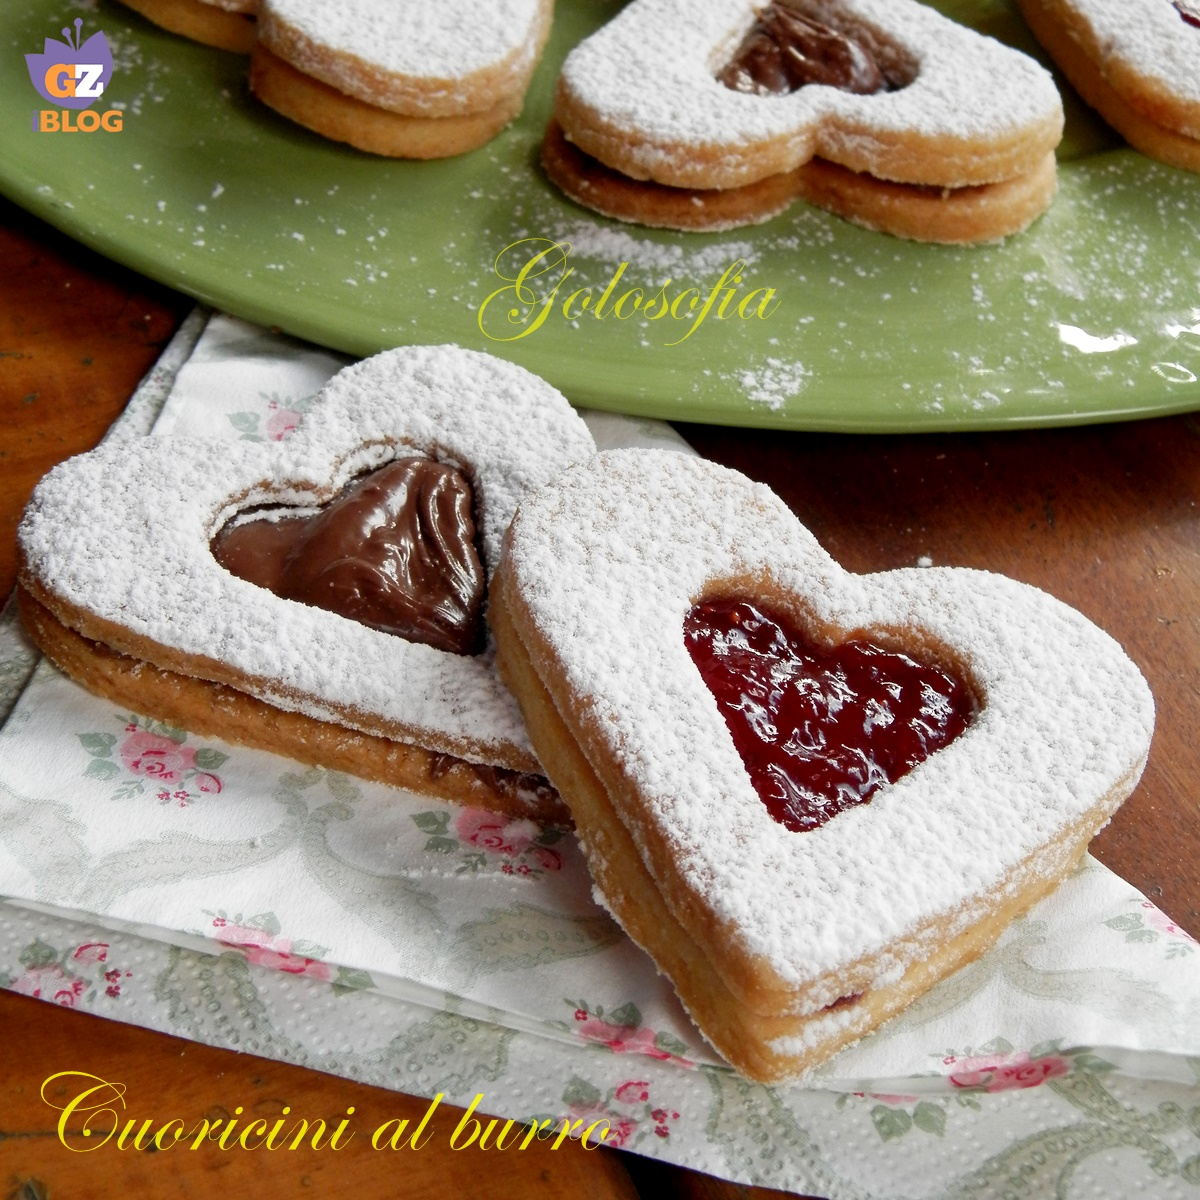 Cuoricini al burr-ricetta biscotti-golosofia